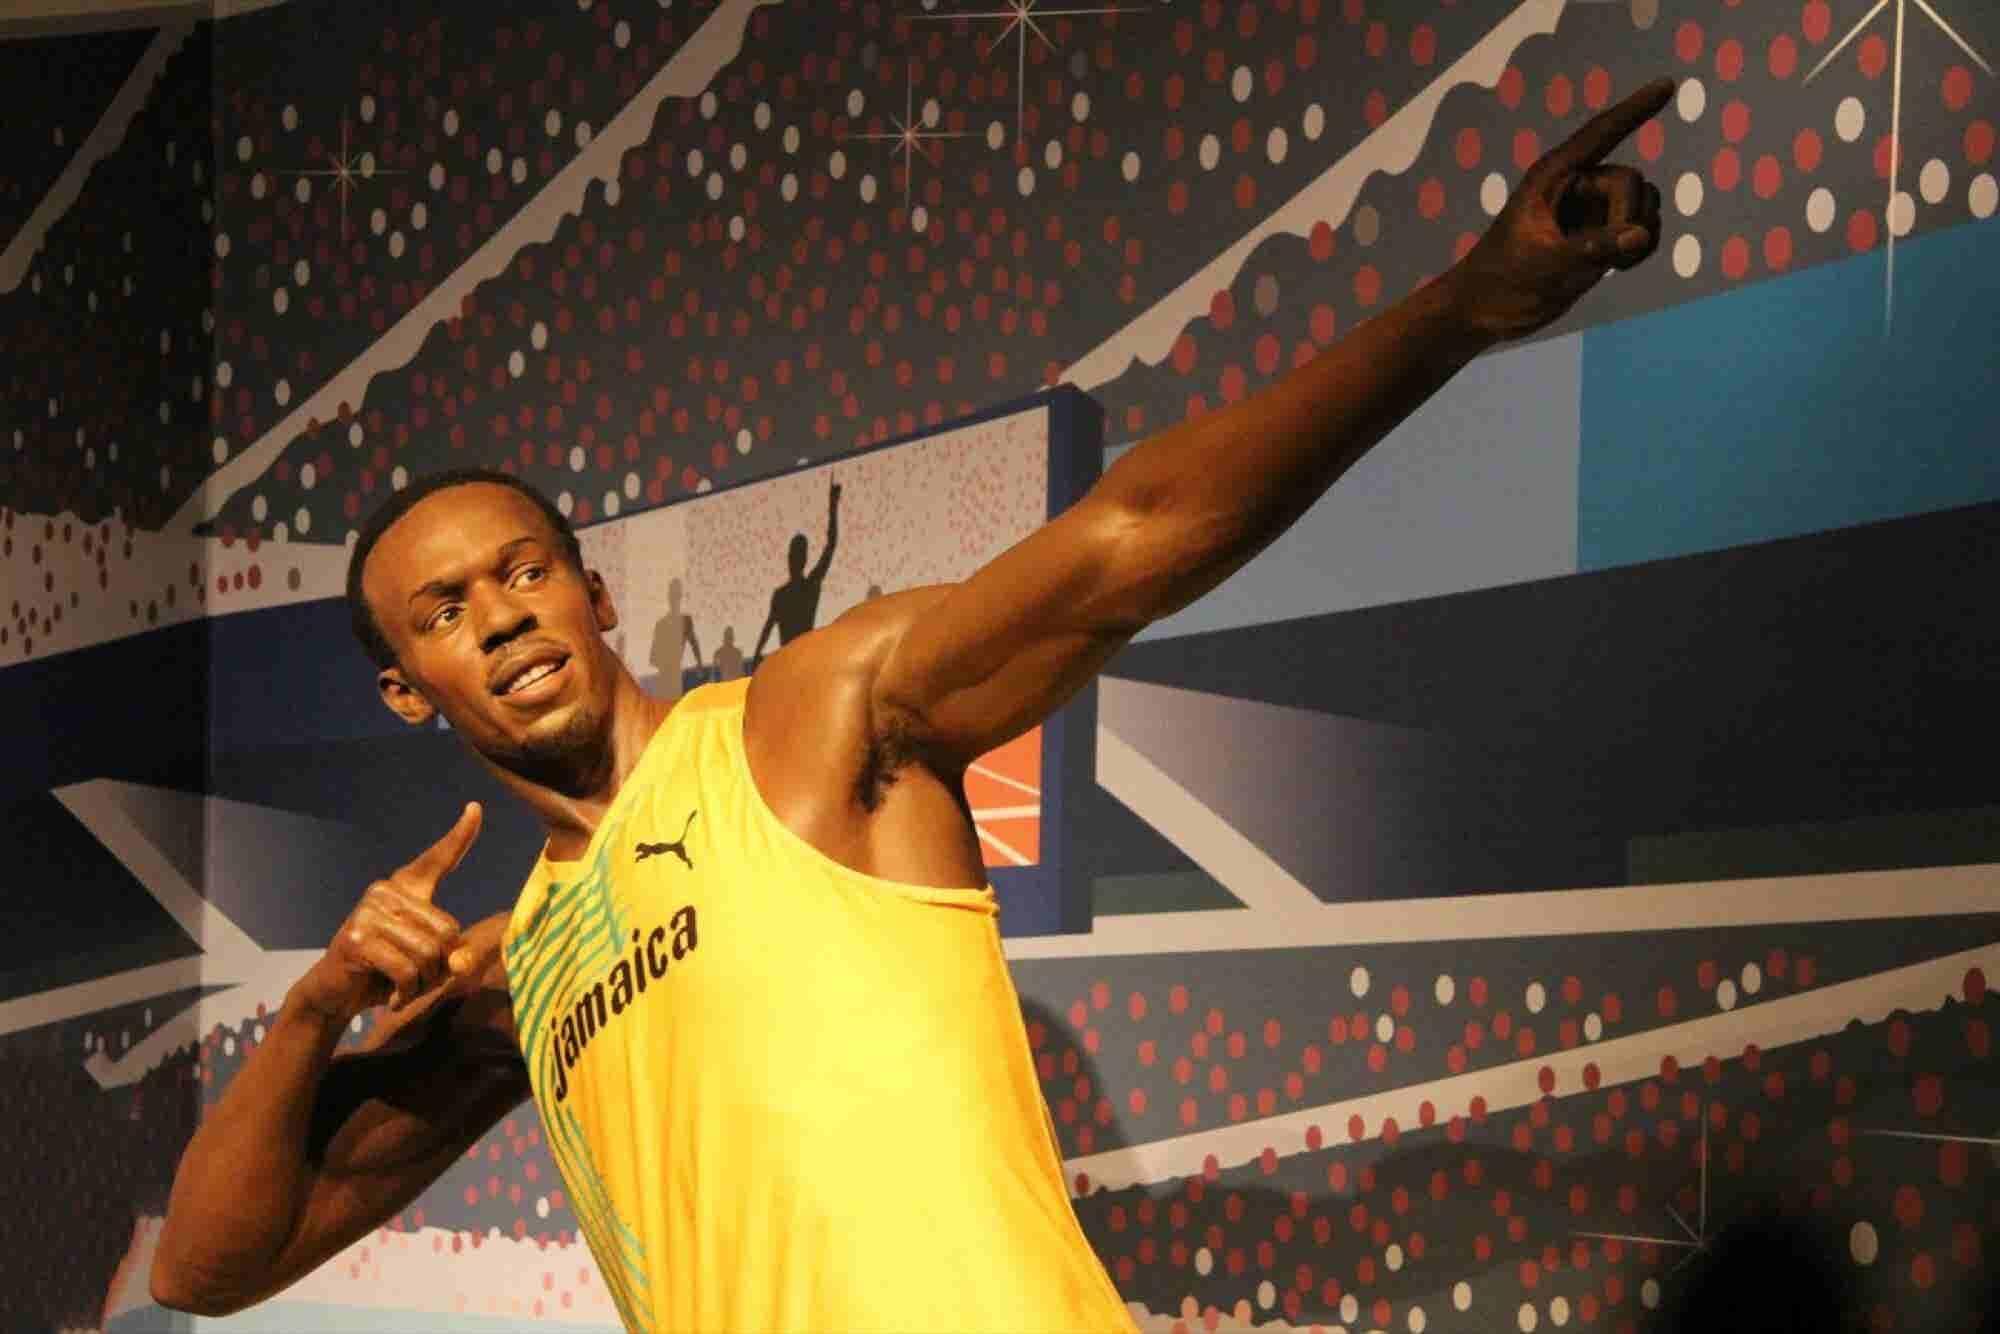 El corredor que se convirtió en leyenda por desafiar lo imposible